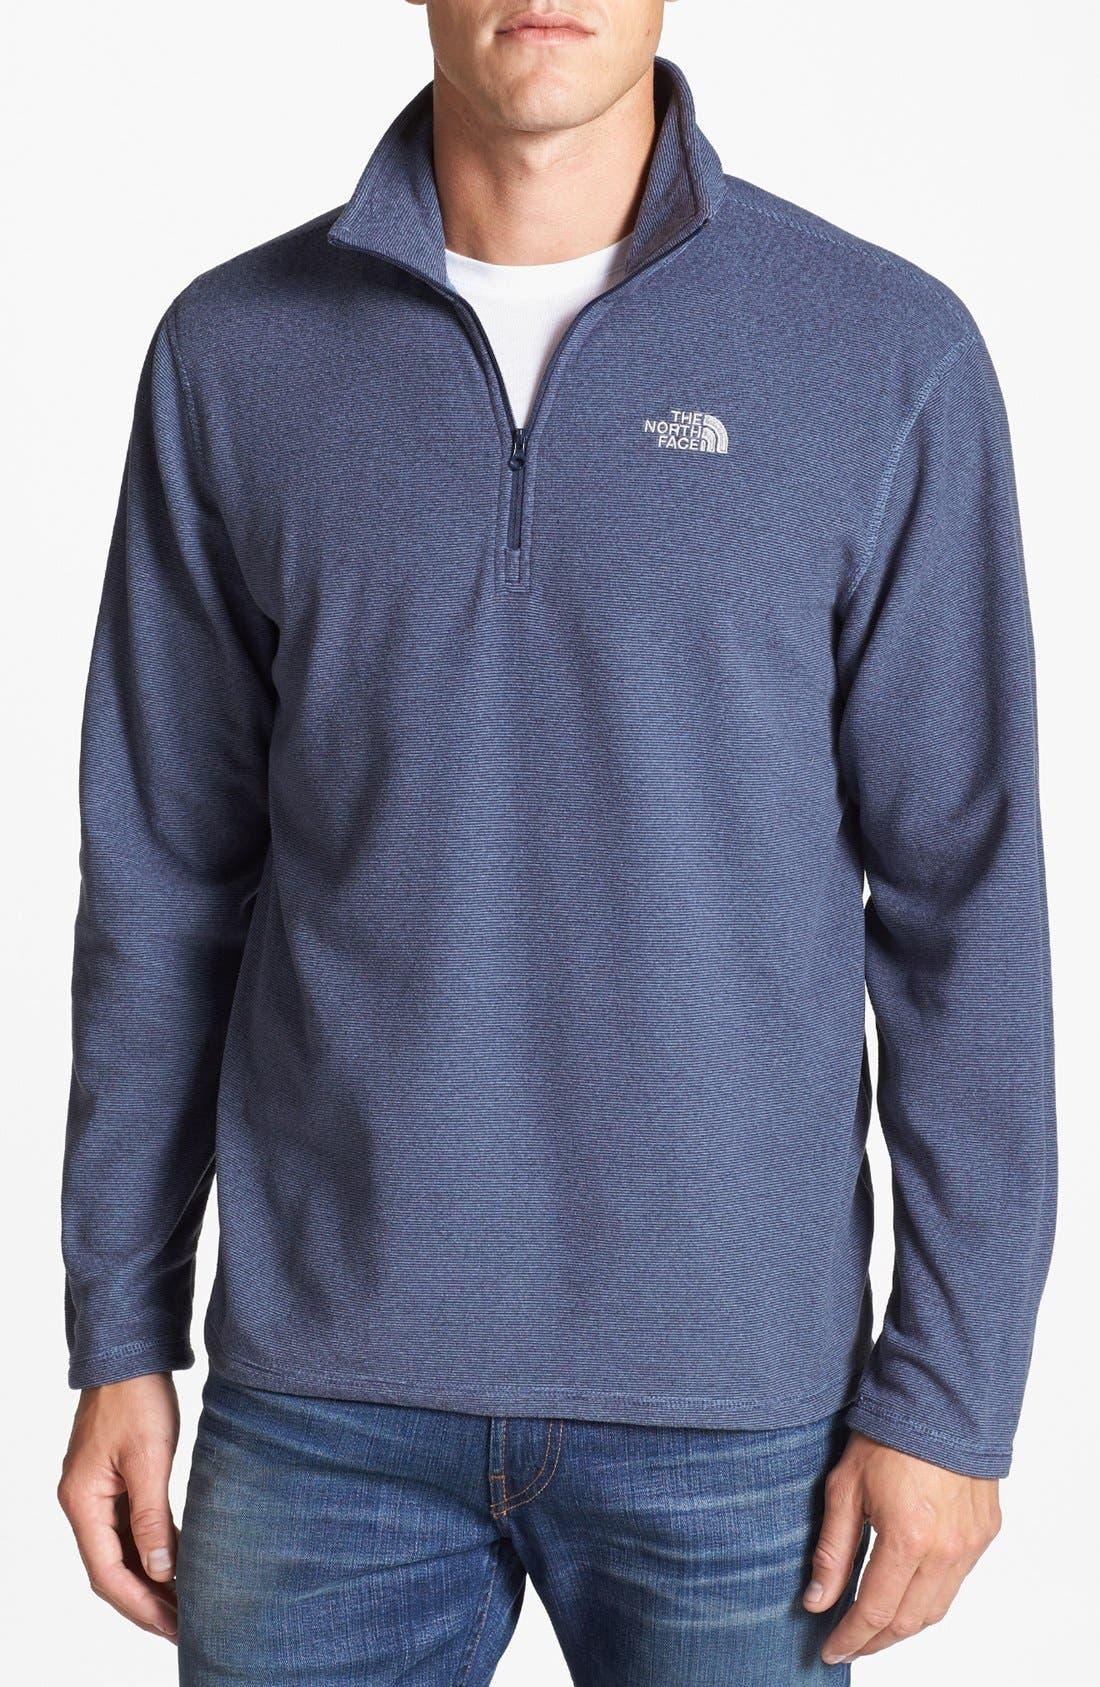 Main Image - The North Face 'TKA 100 Glacier' Polartec® Fine Stripe Fleece Pullover